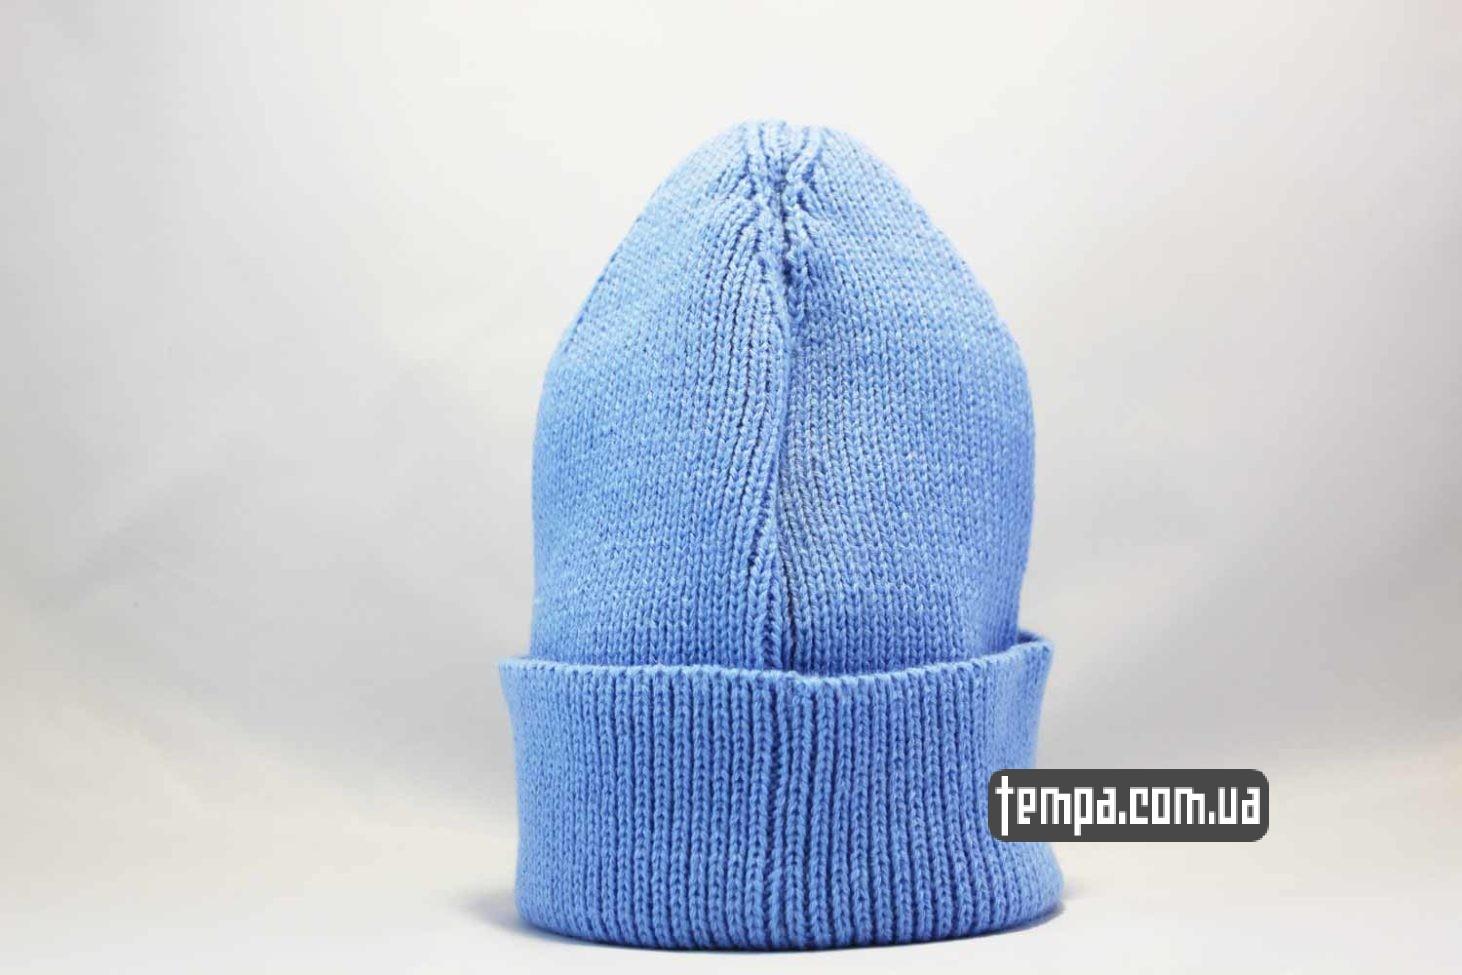 купить теплую зимнюю шапка beanie STUSSY Ukraine edition синяя с украинским флагом